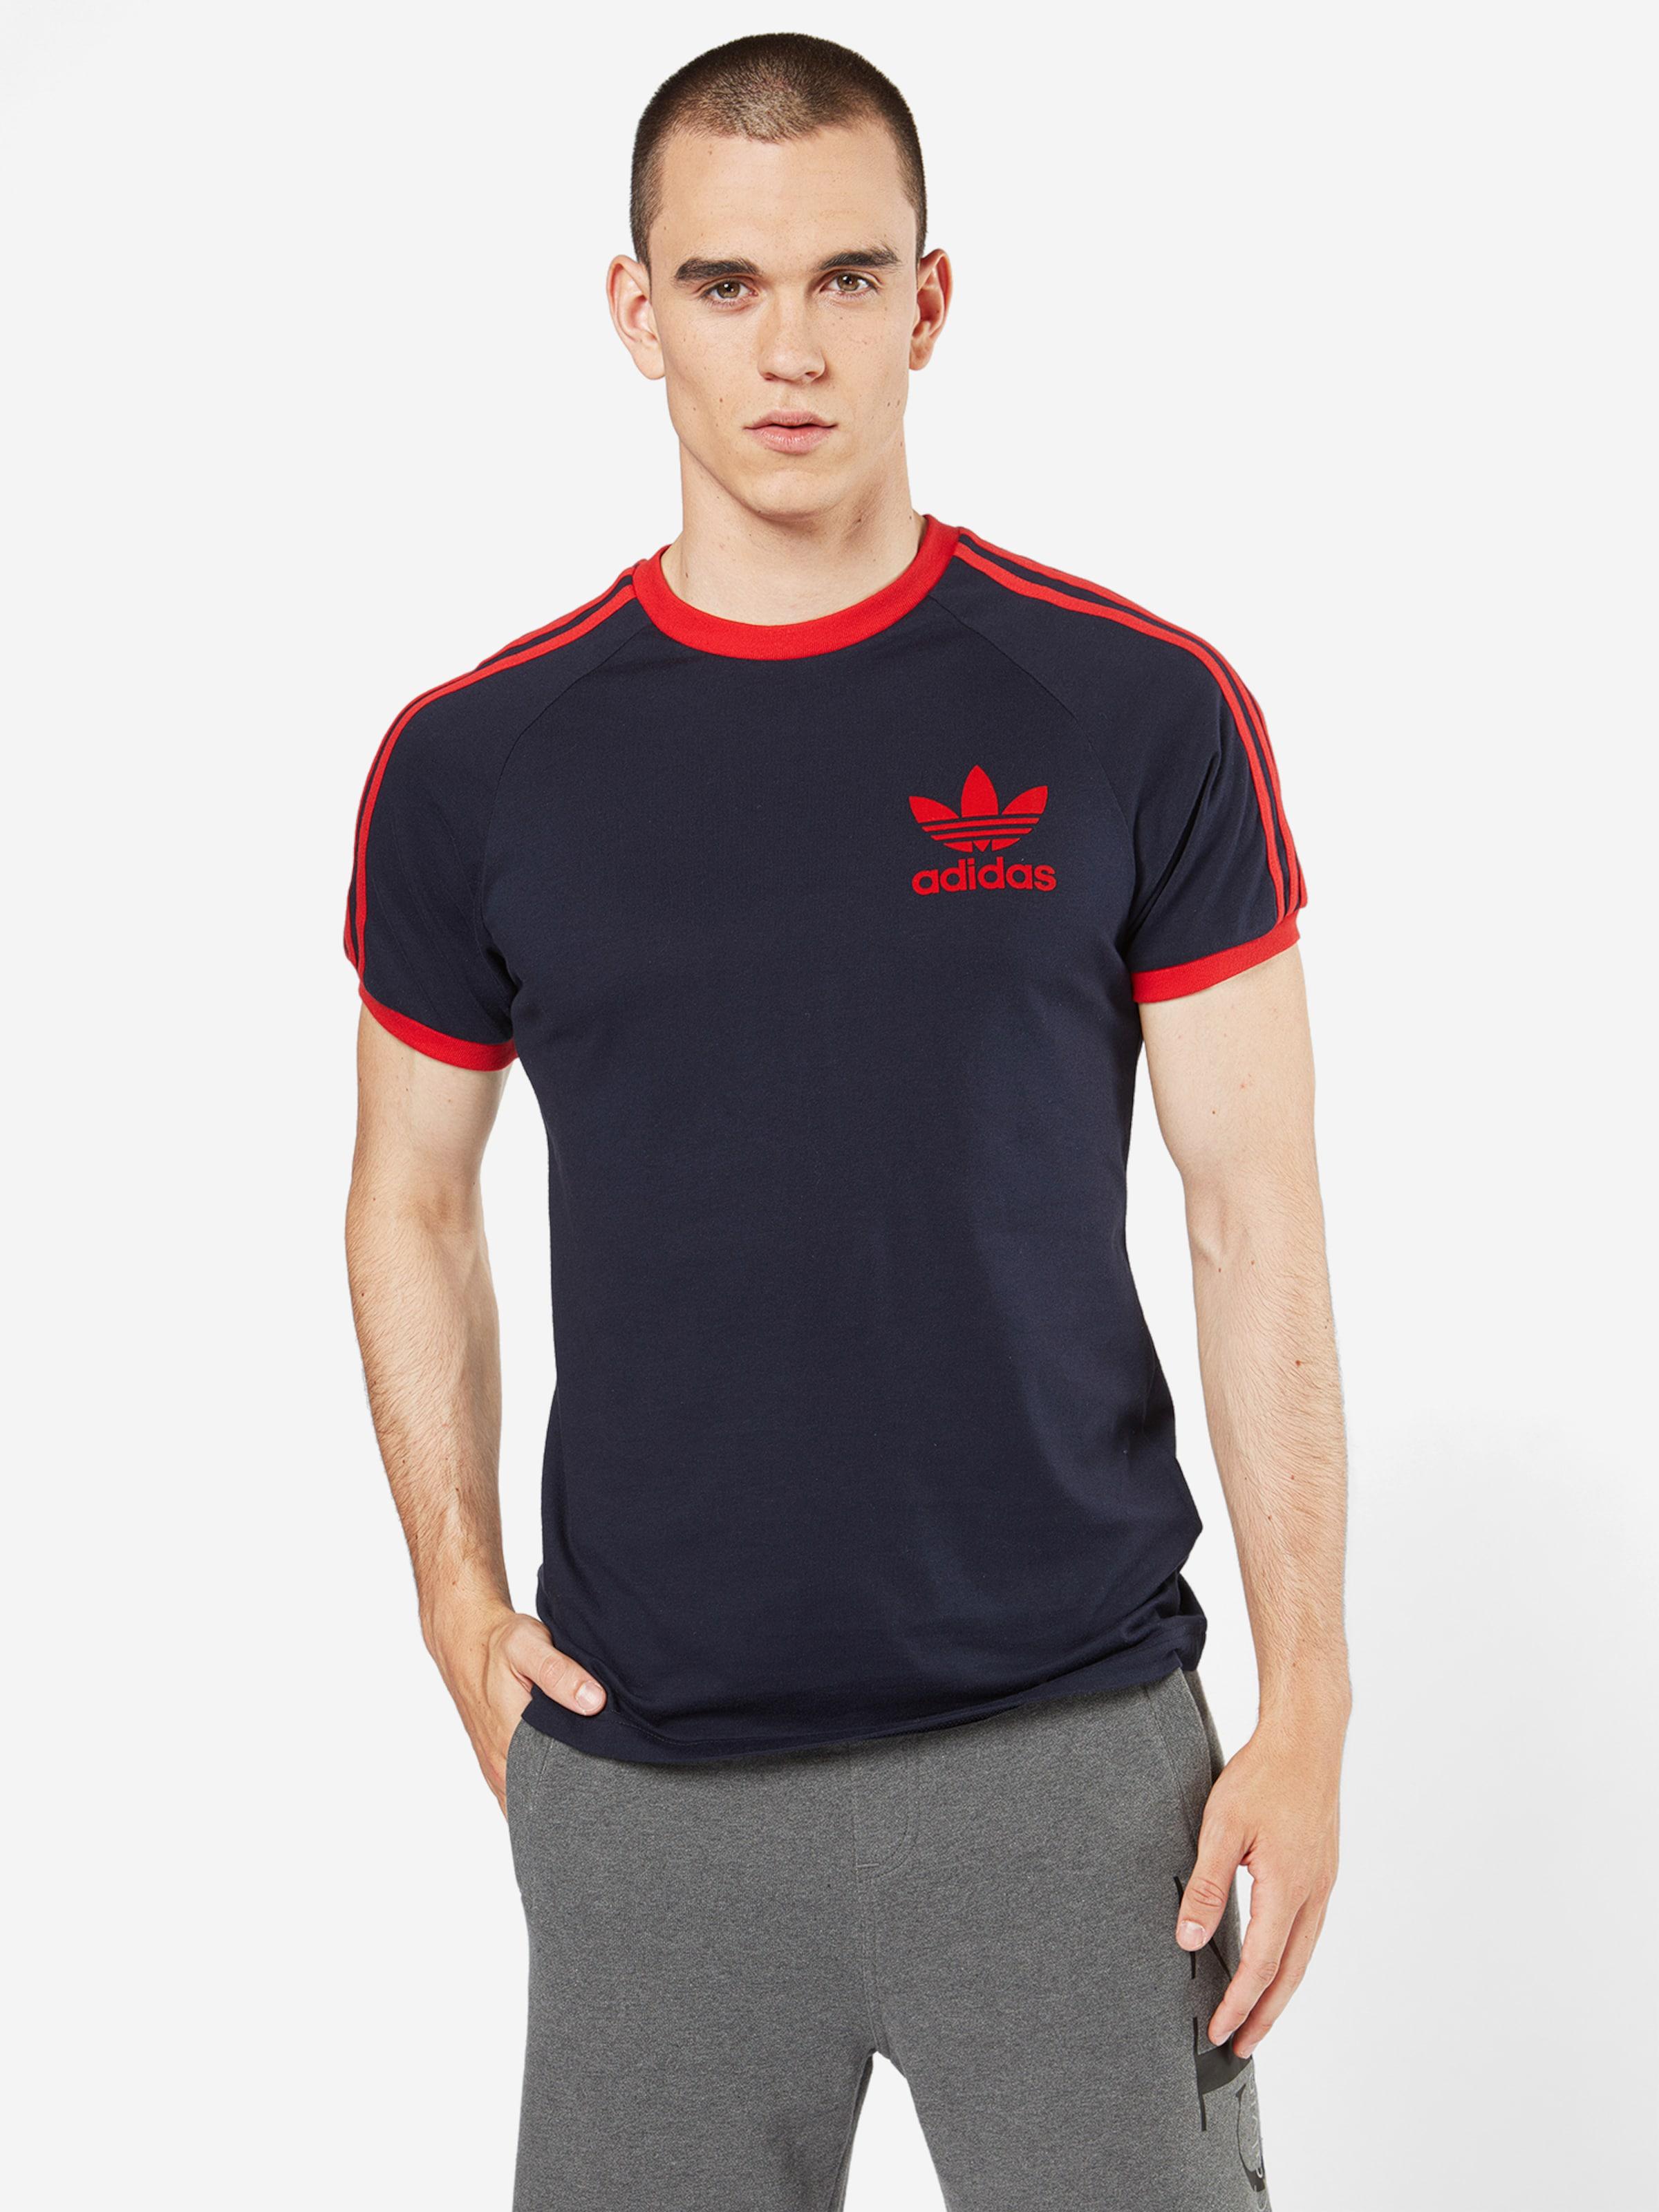 ADIDAS ORIGINALS T-Shirt 'CLFN TEE' Rabatt Große Überraschung Freies Verschiffen Extrem Suche Zum Verkauf Spielraum Spielraum 7HA7bKq